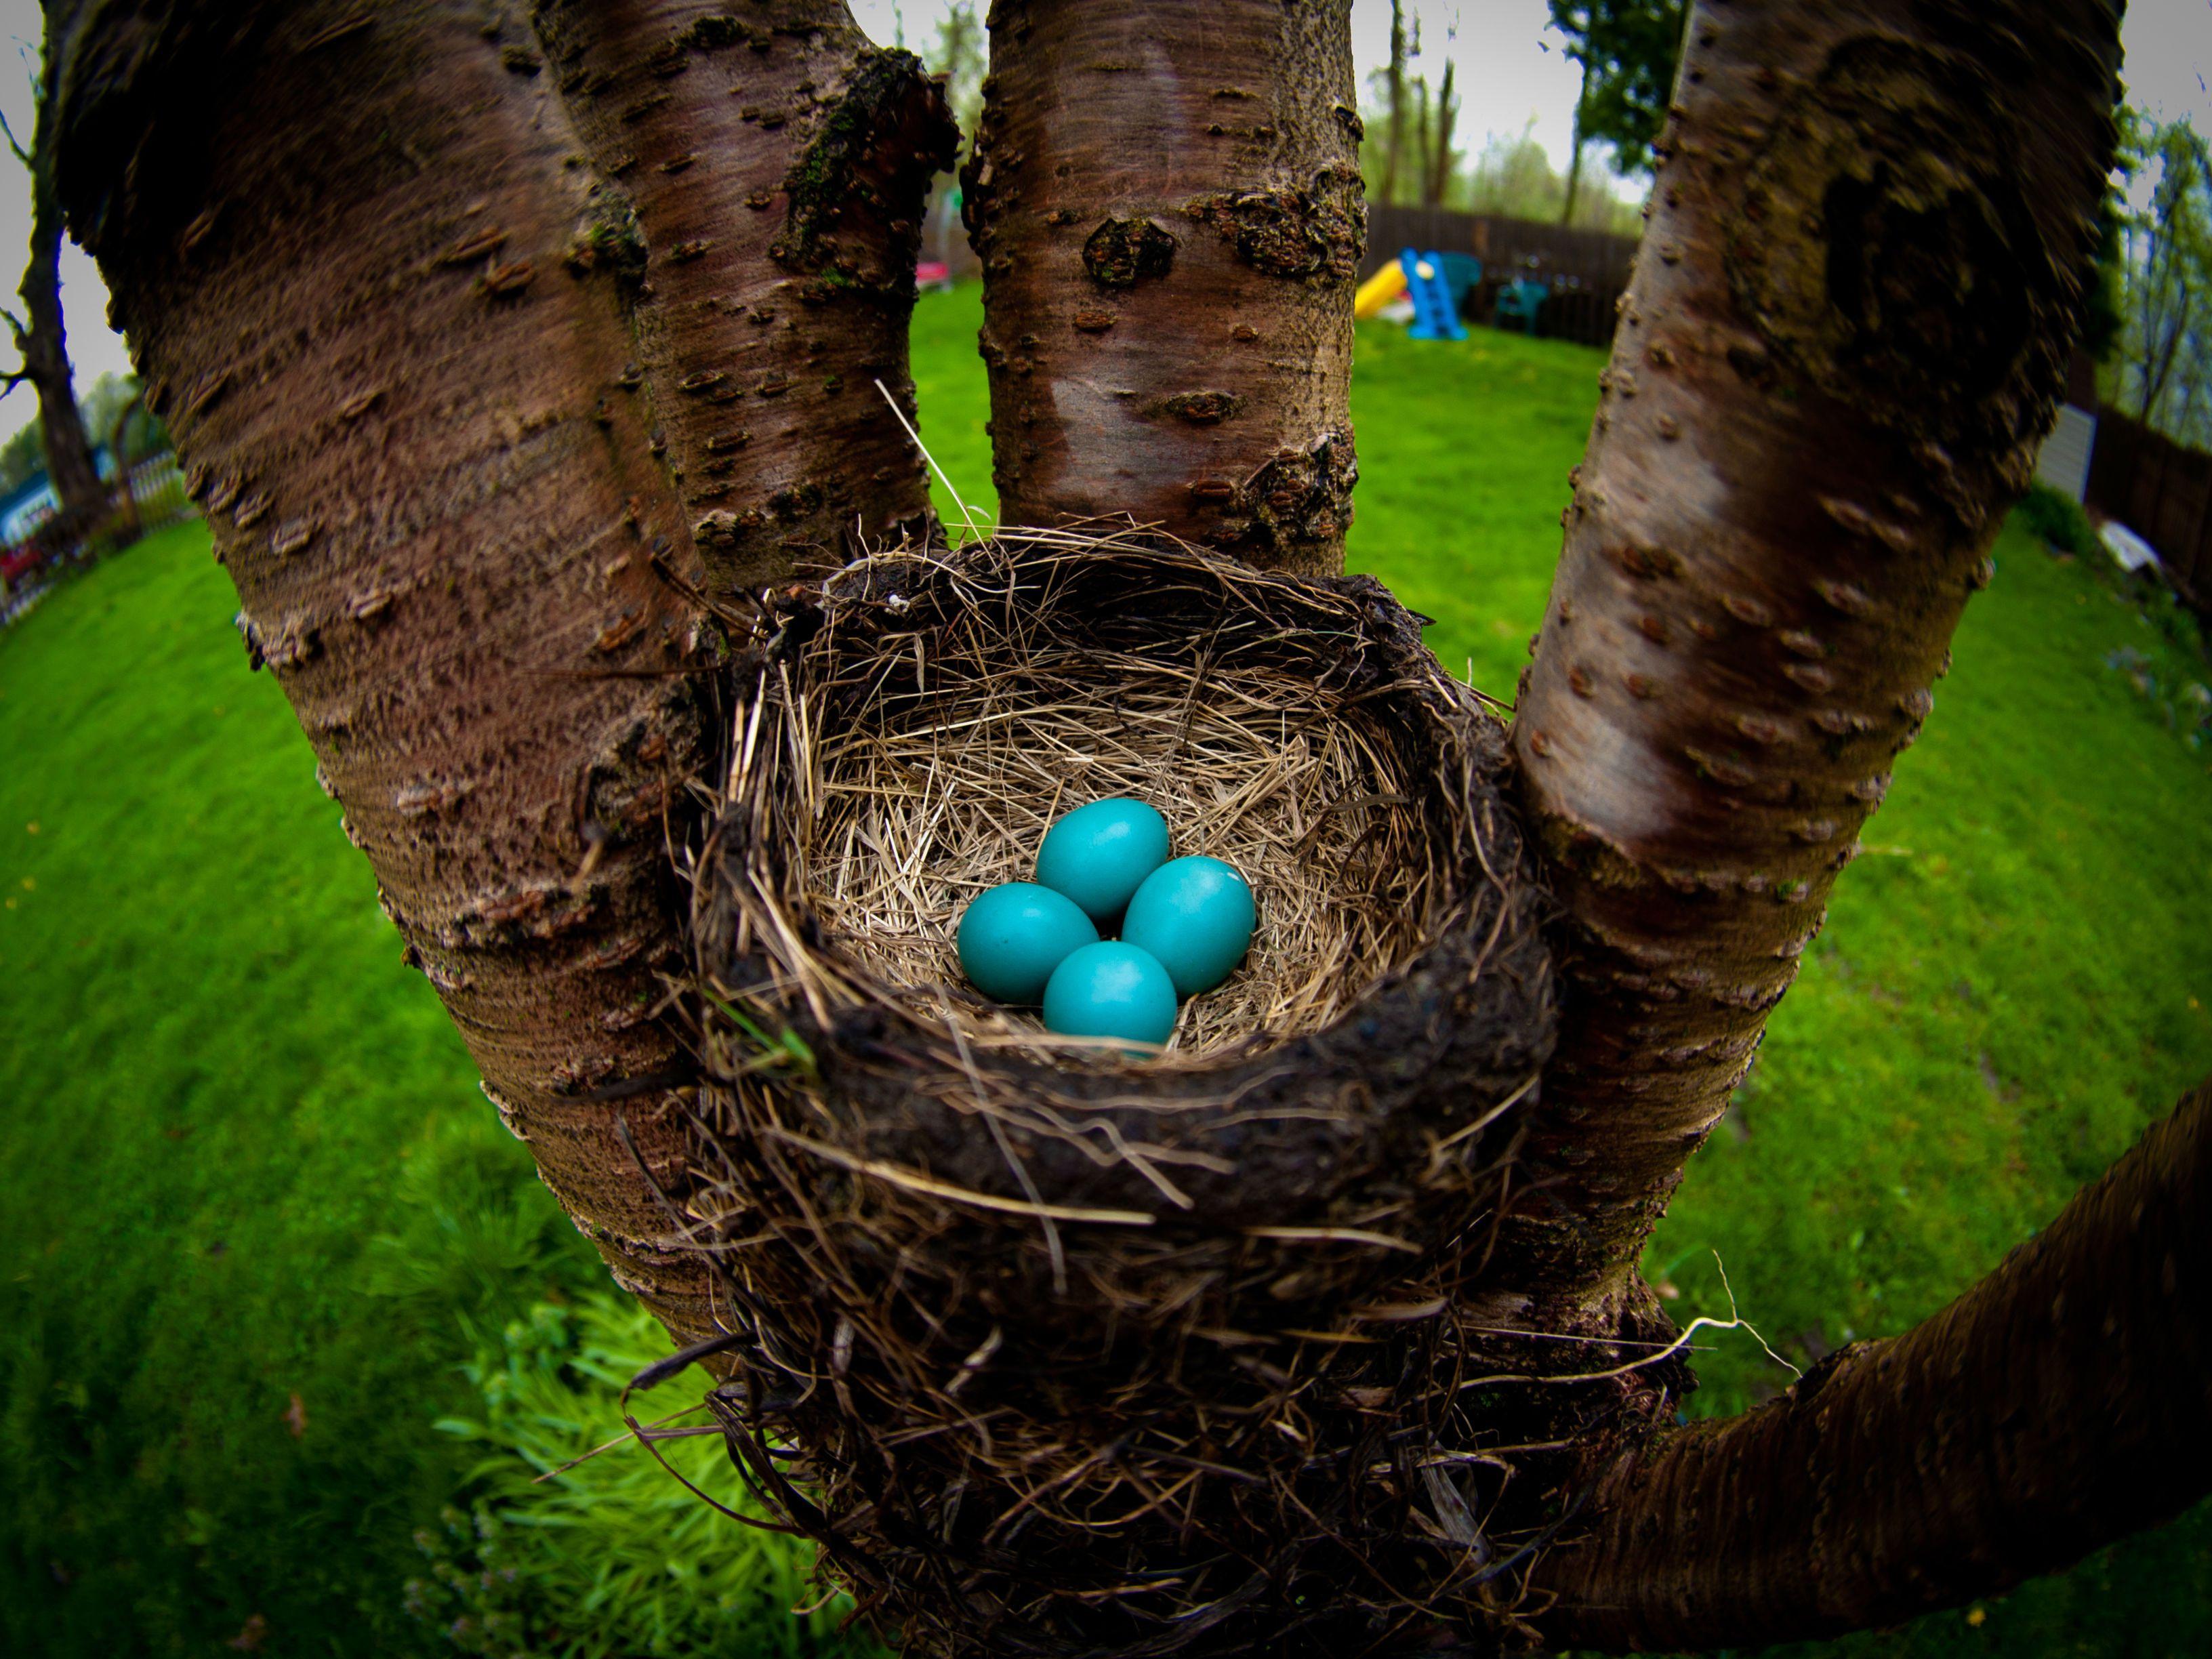 How To Identify A Bird Nest